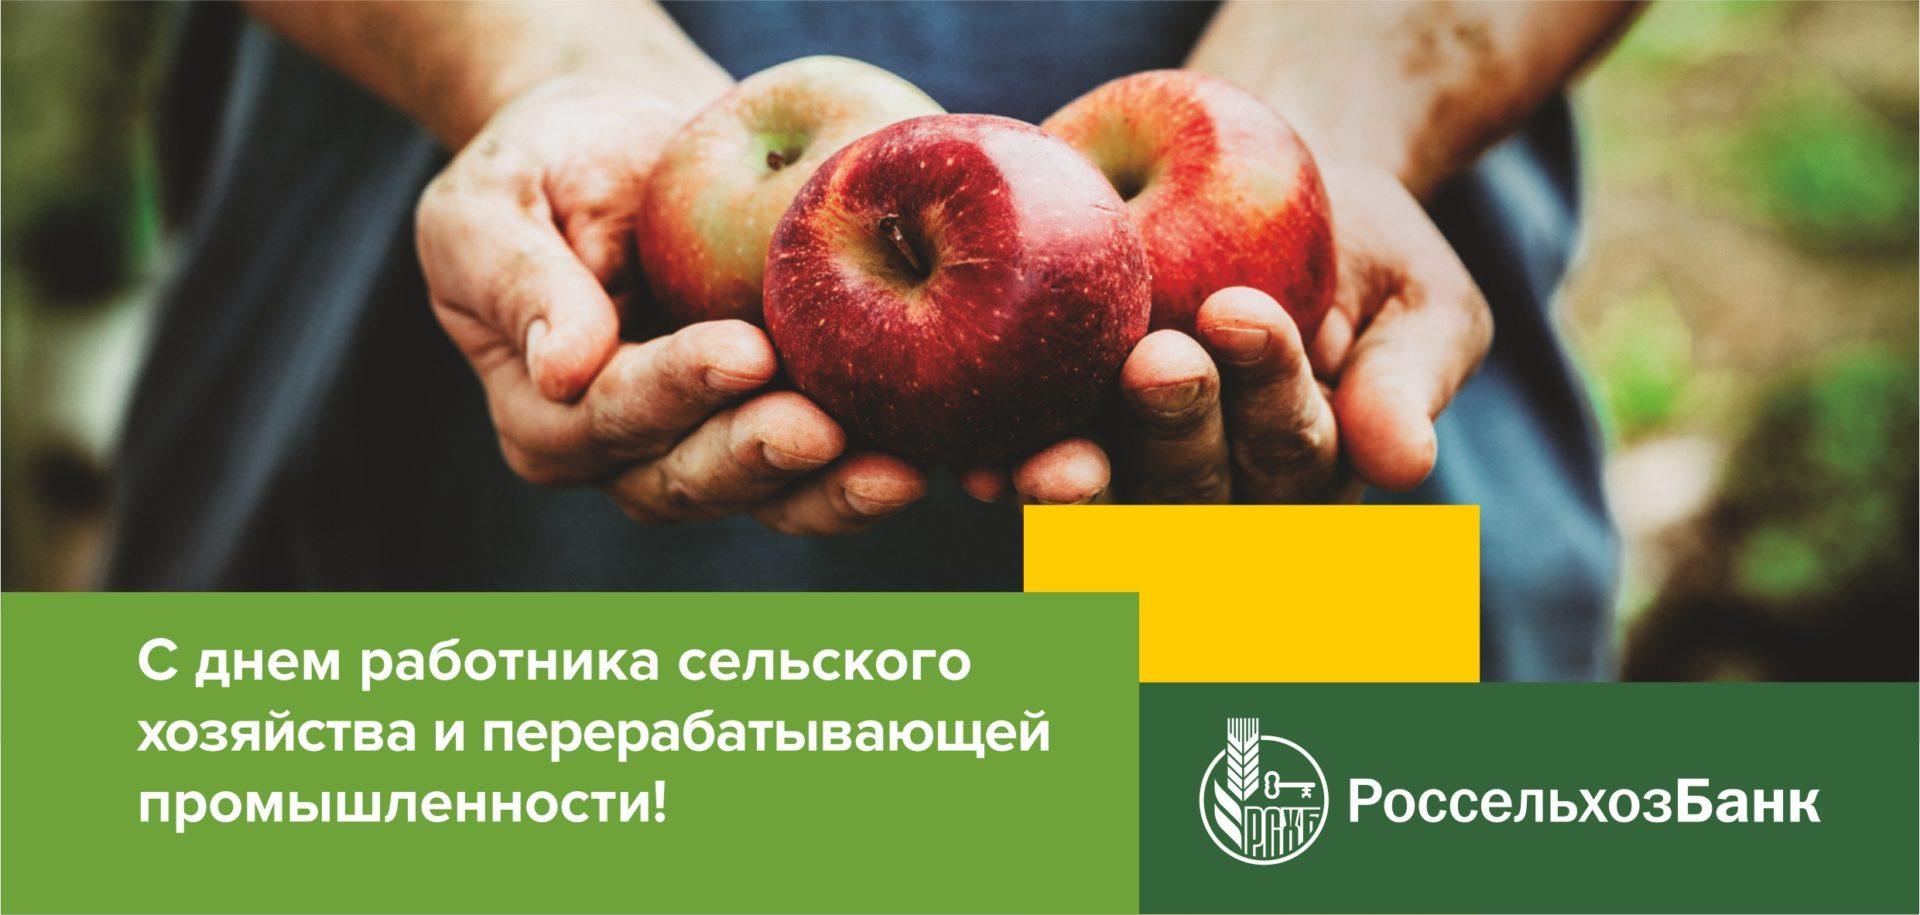 Якутский филиал АО «Россельхозбанк» поздравляет с Днем работника сельского хозяйства и перерабатывающей промышленности!